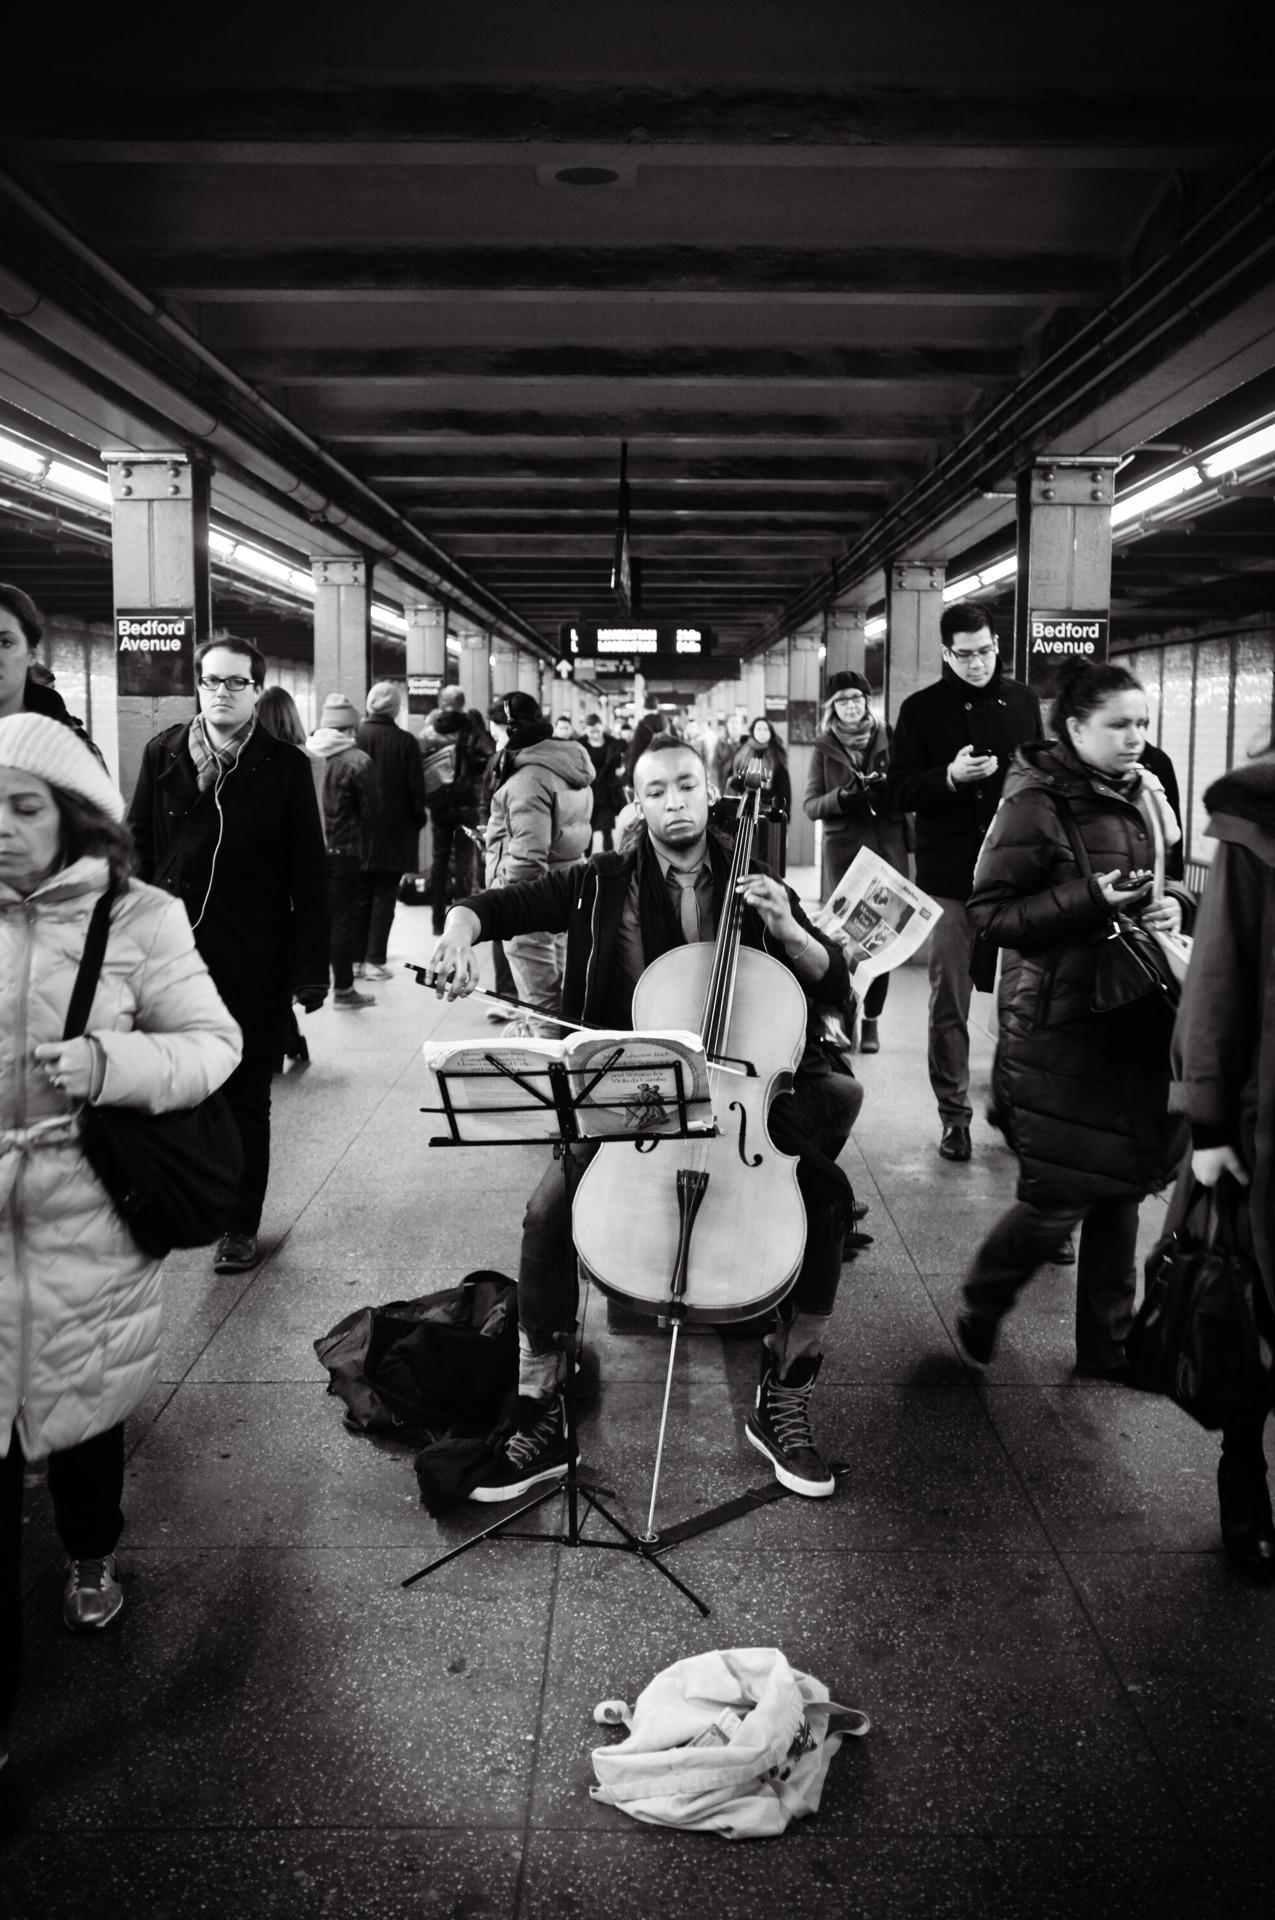 61 - Rush Hour Cello   #366Project #FujiX100